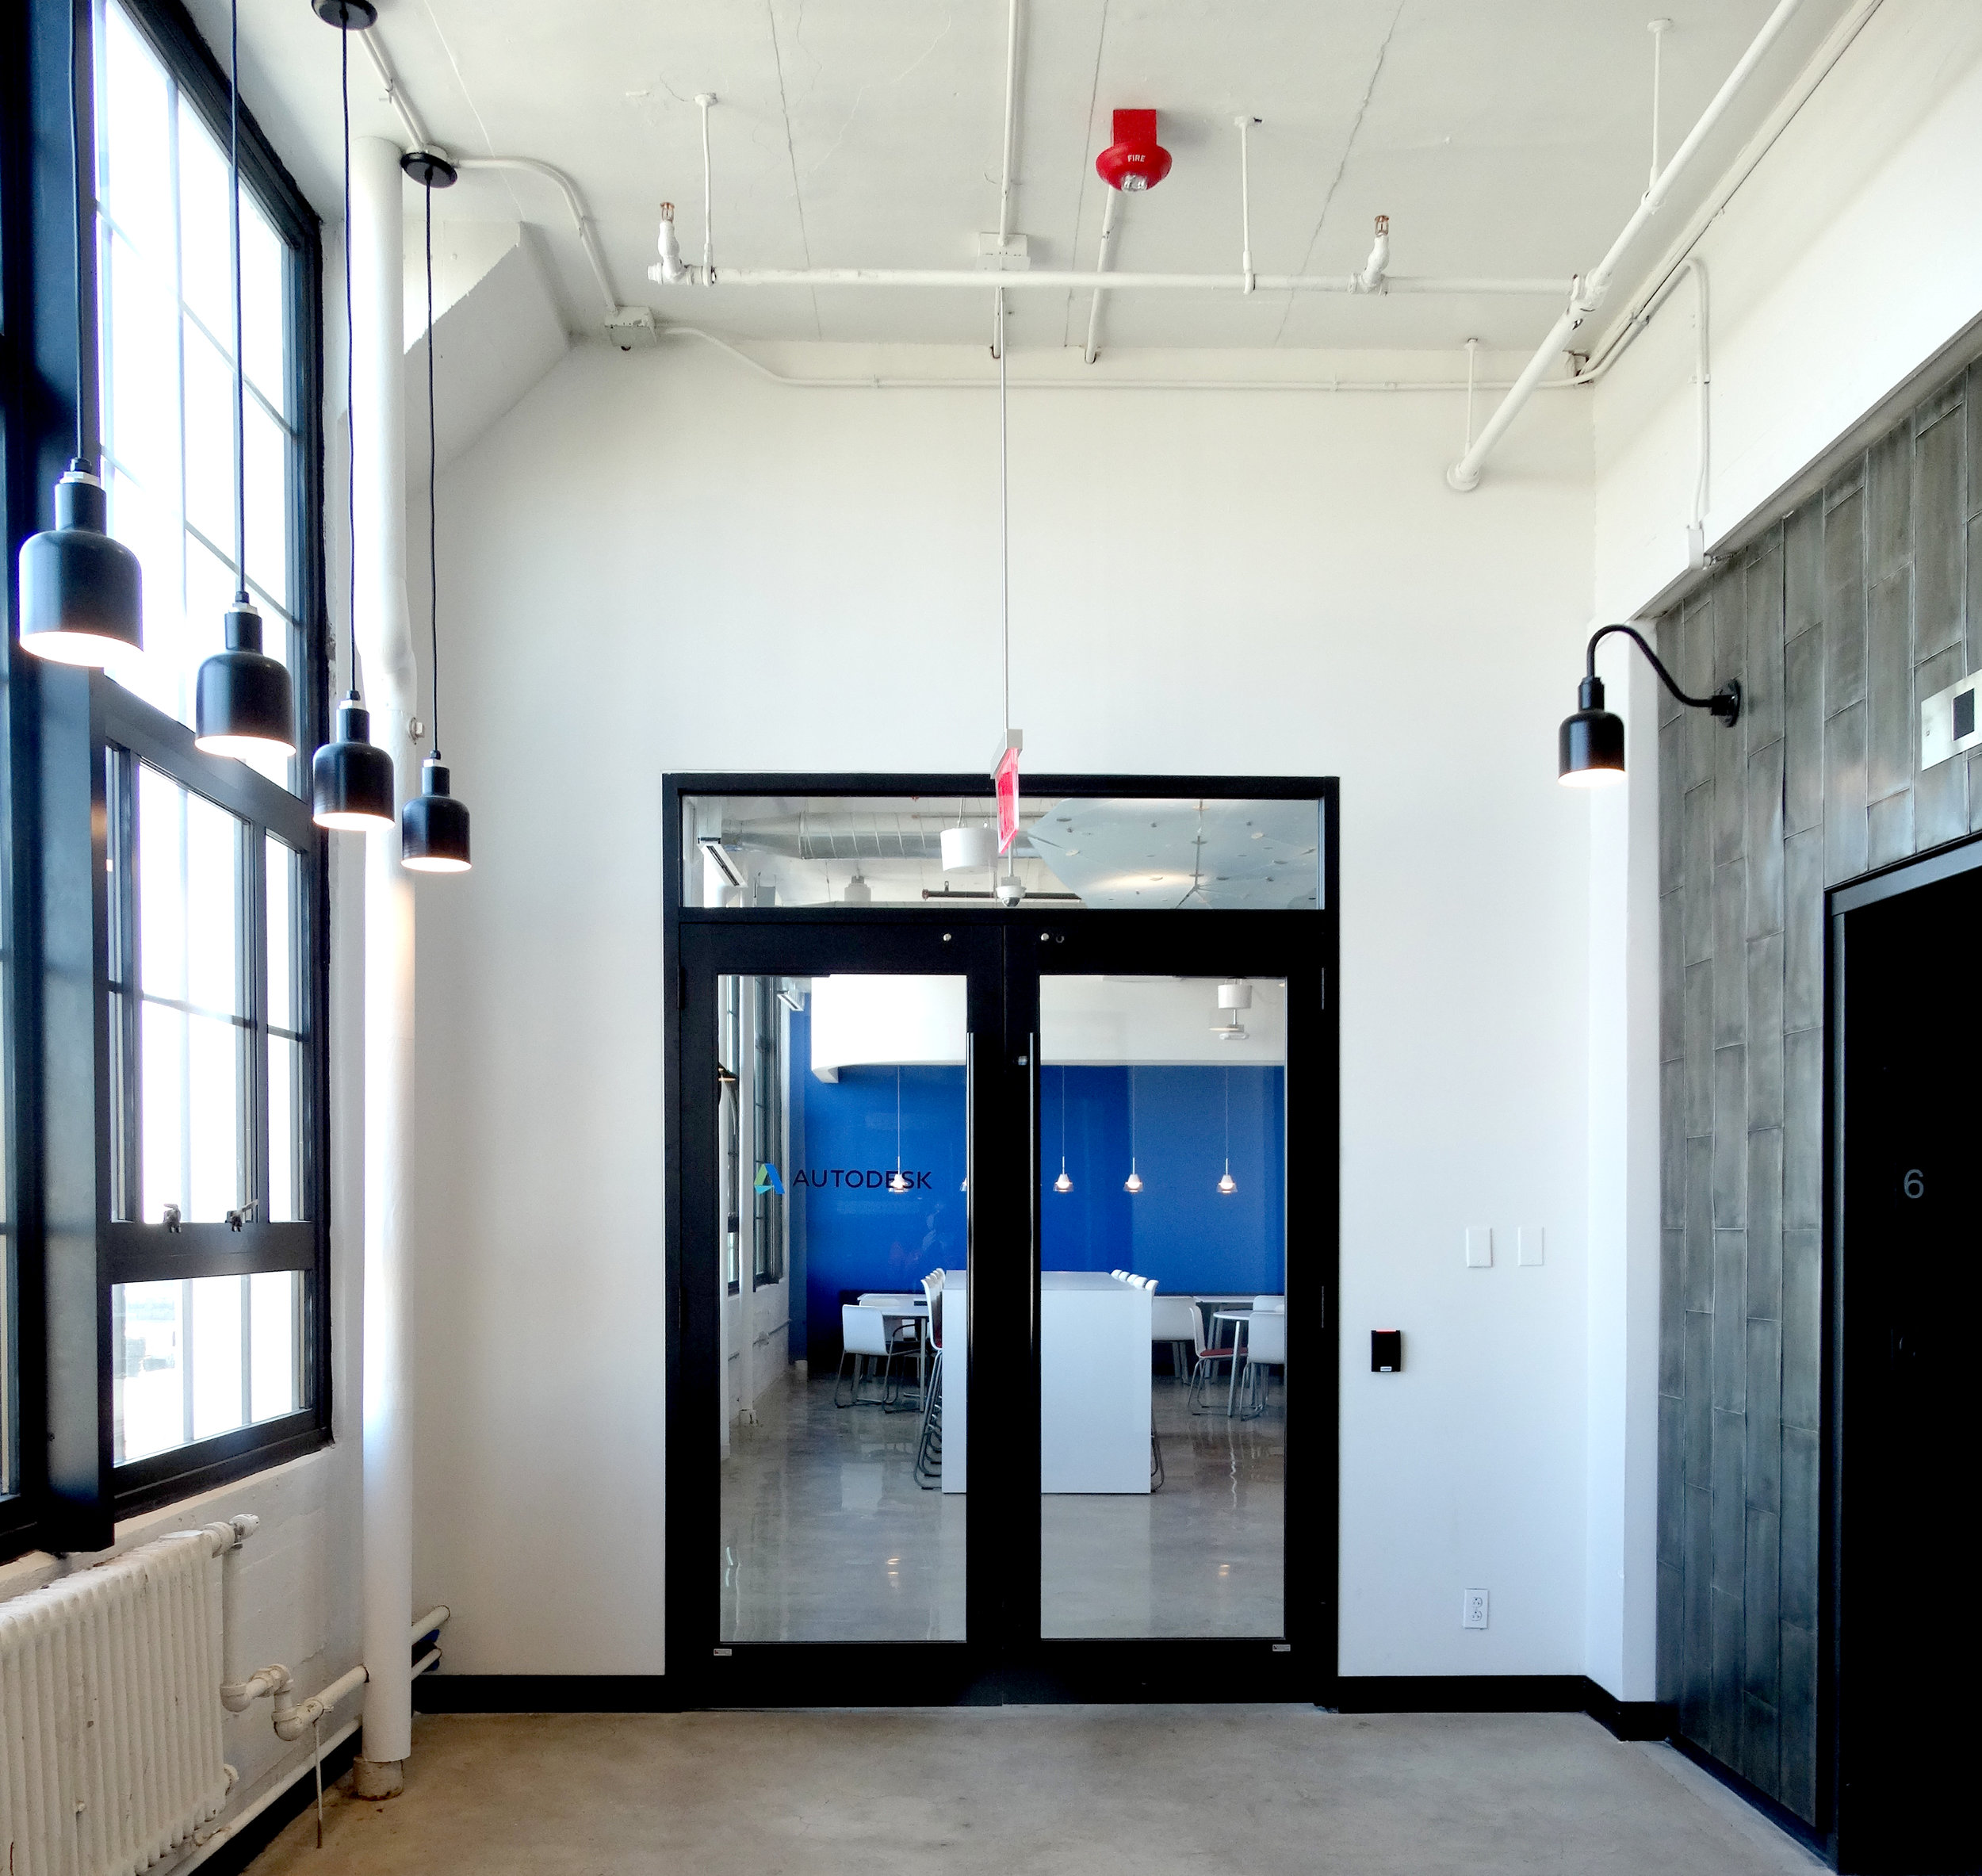 Encase Black Anodized Aluminum Framed Doors - Spaceworks AI.jpg